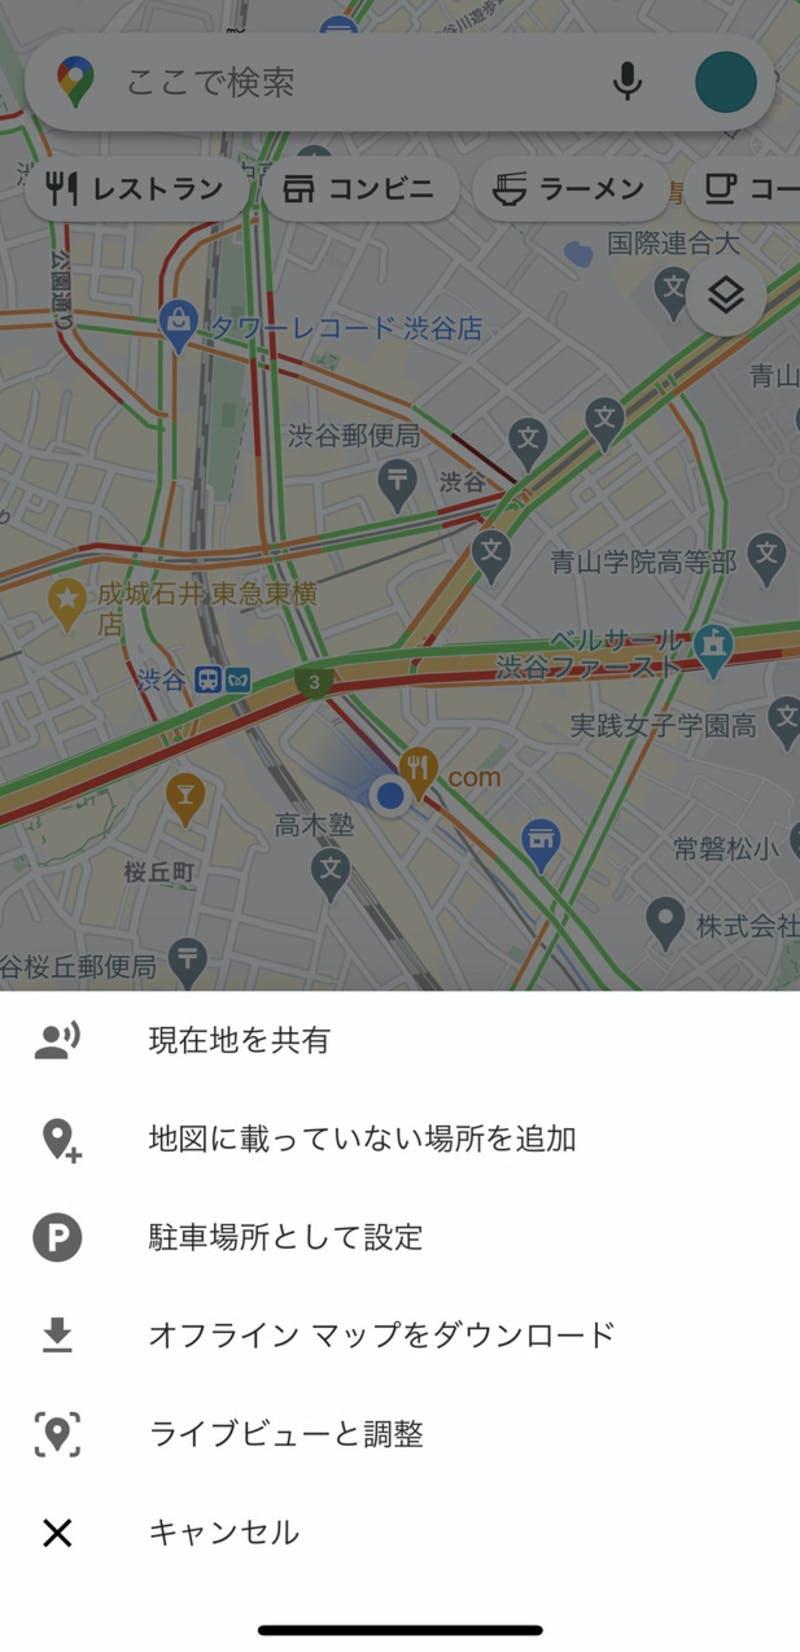 ▲画面右上のGoogleアカウントをタップし「現在地の共有」をタップ